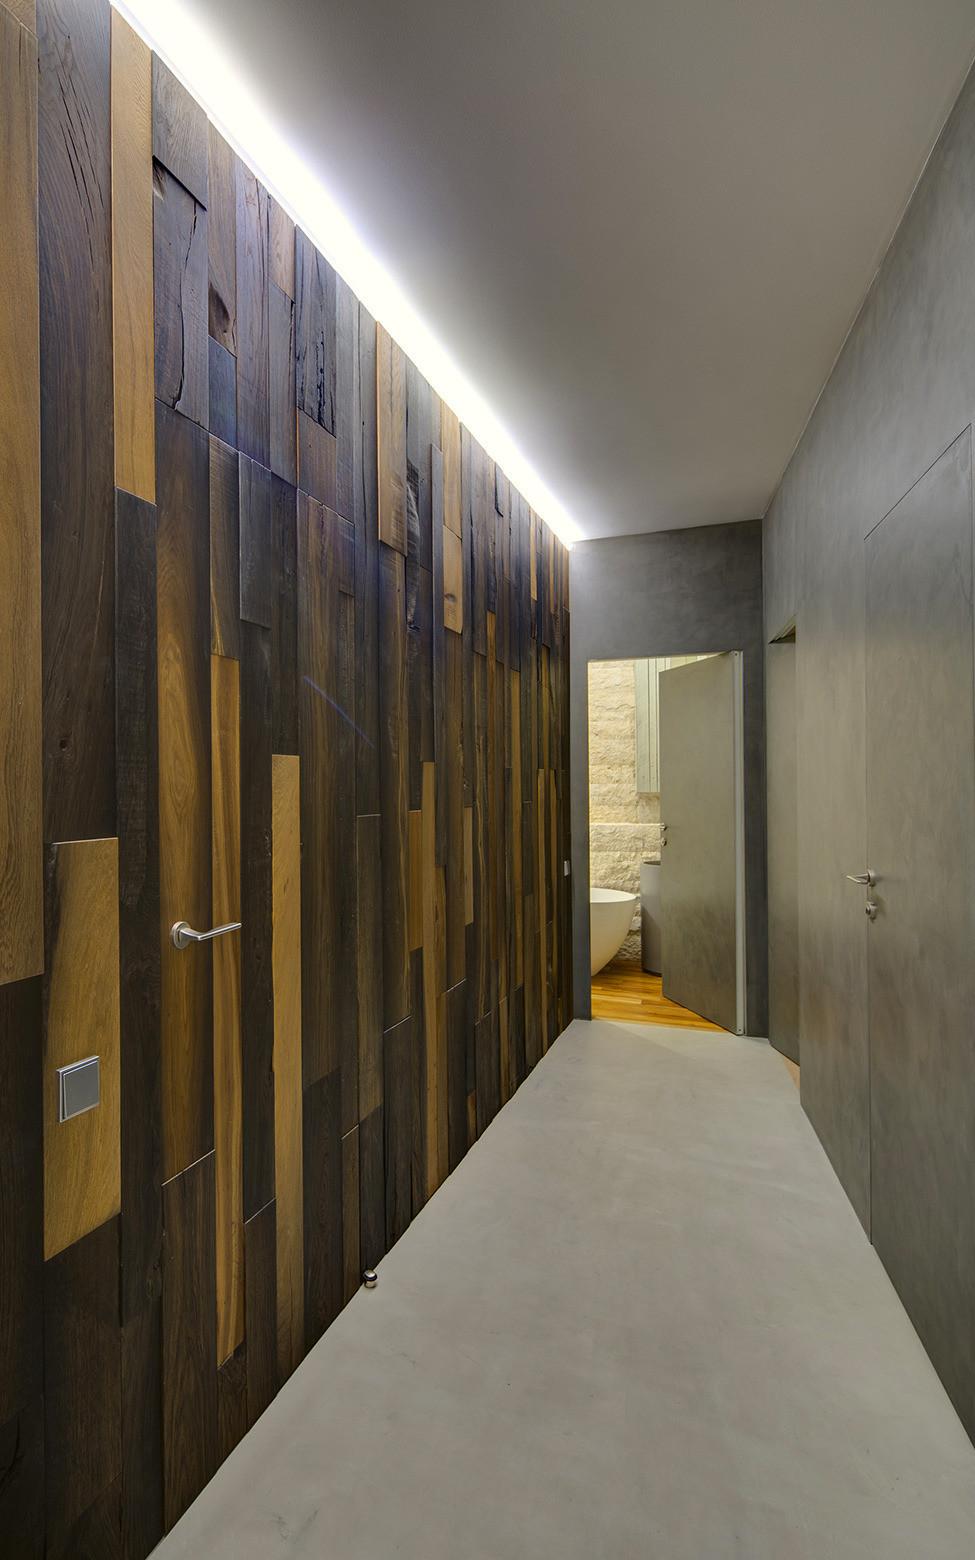 120 кв. м апартамент за разточителна почивка - 17